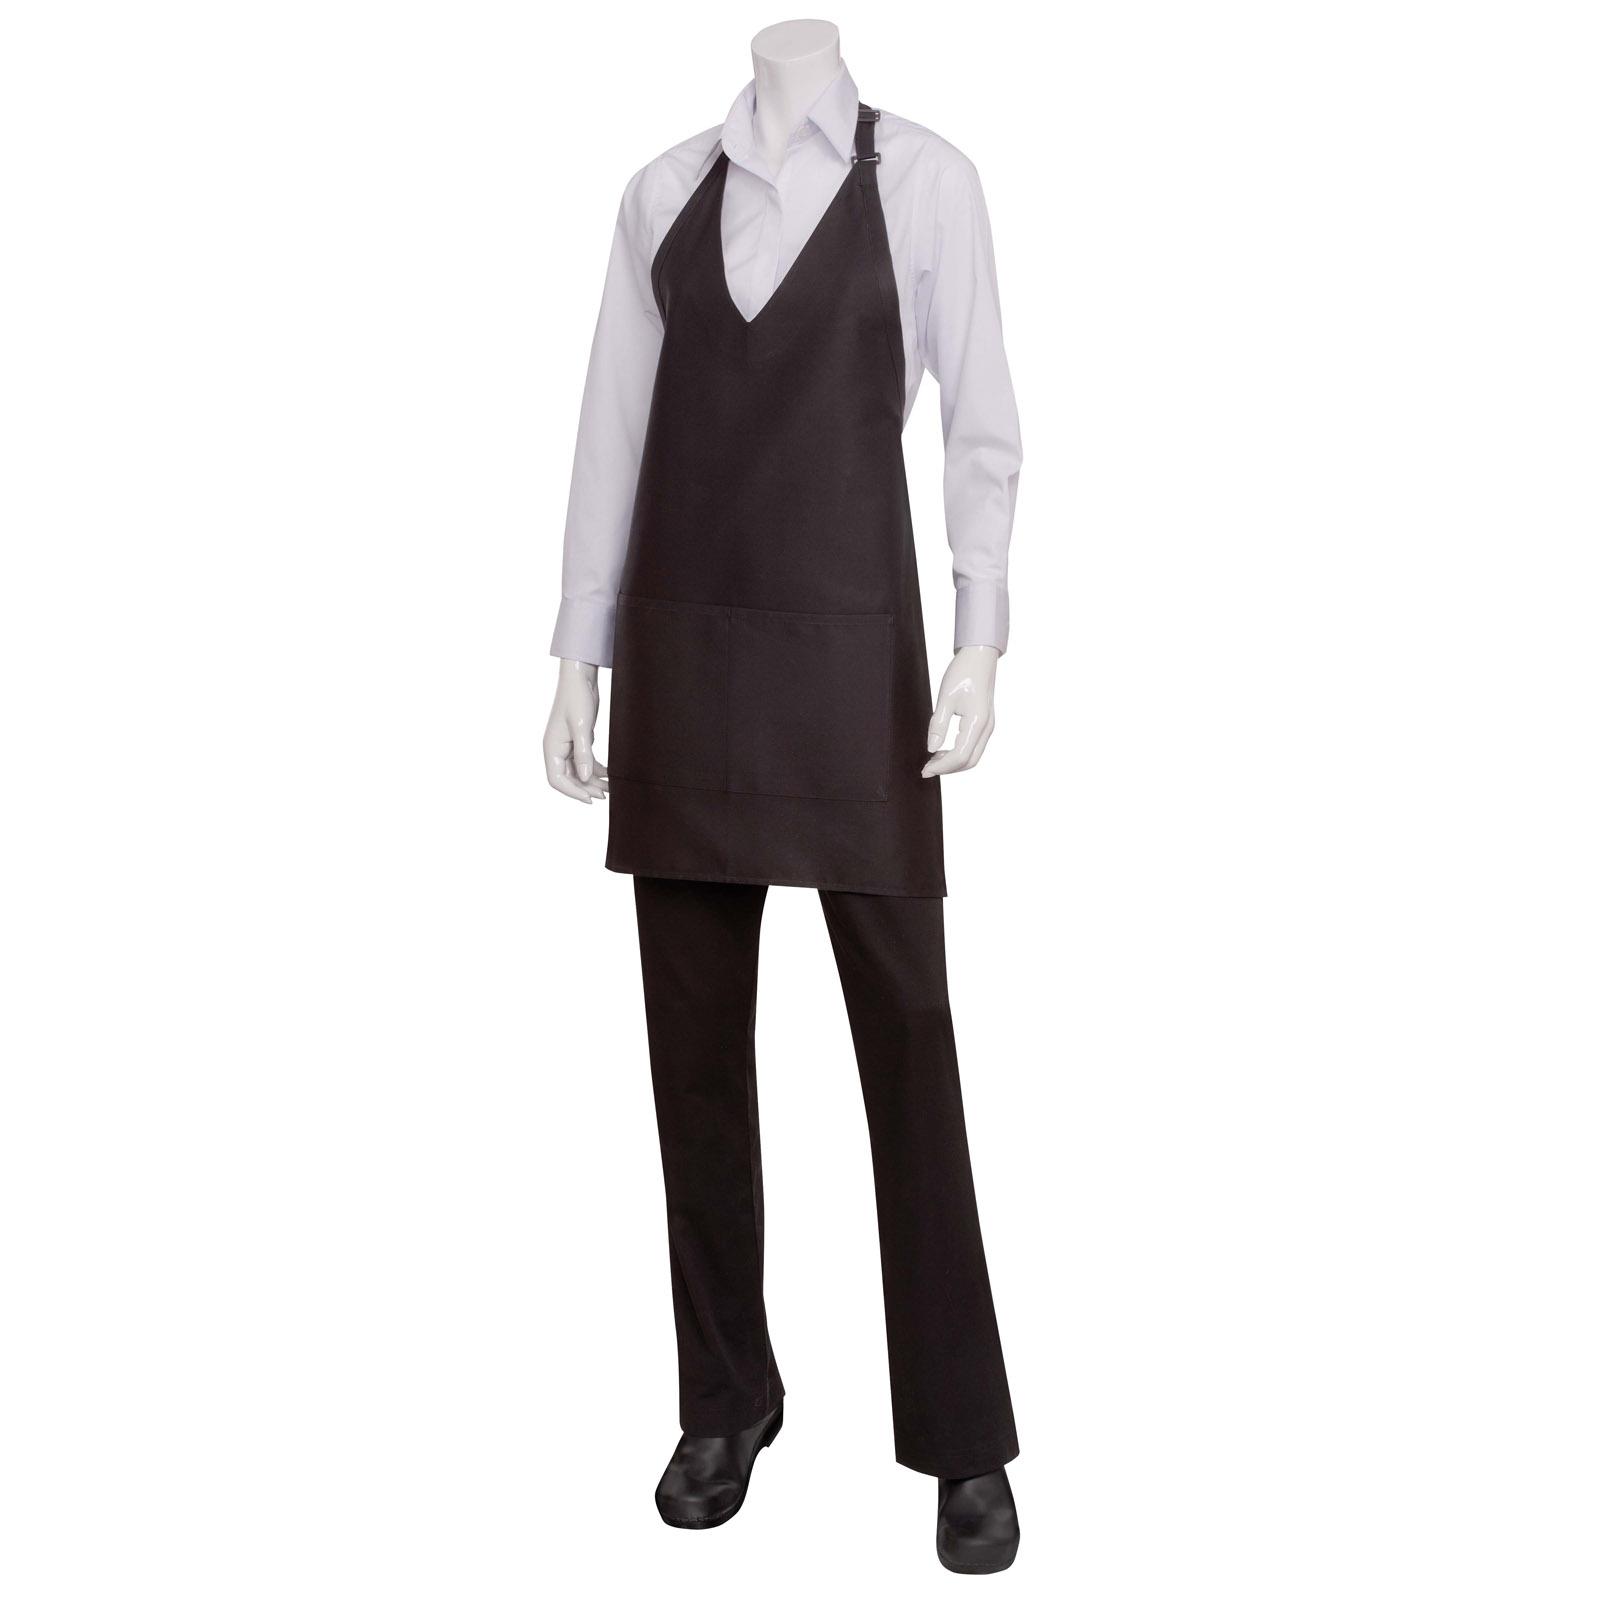 Chef Works F23 BLK0 bib apron